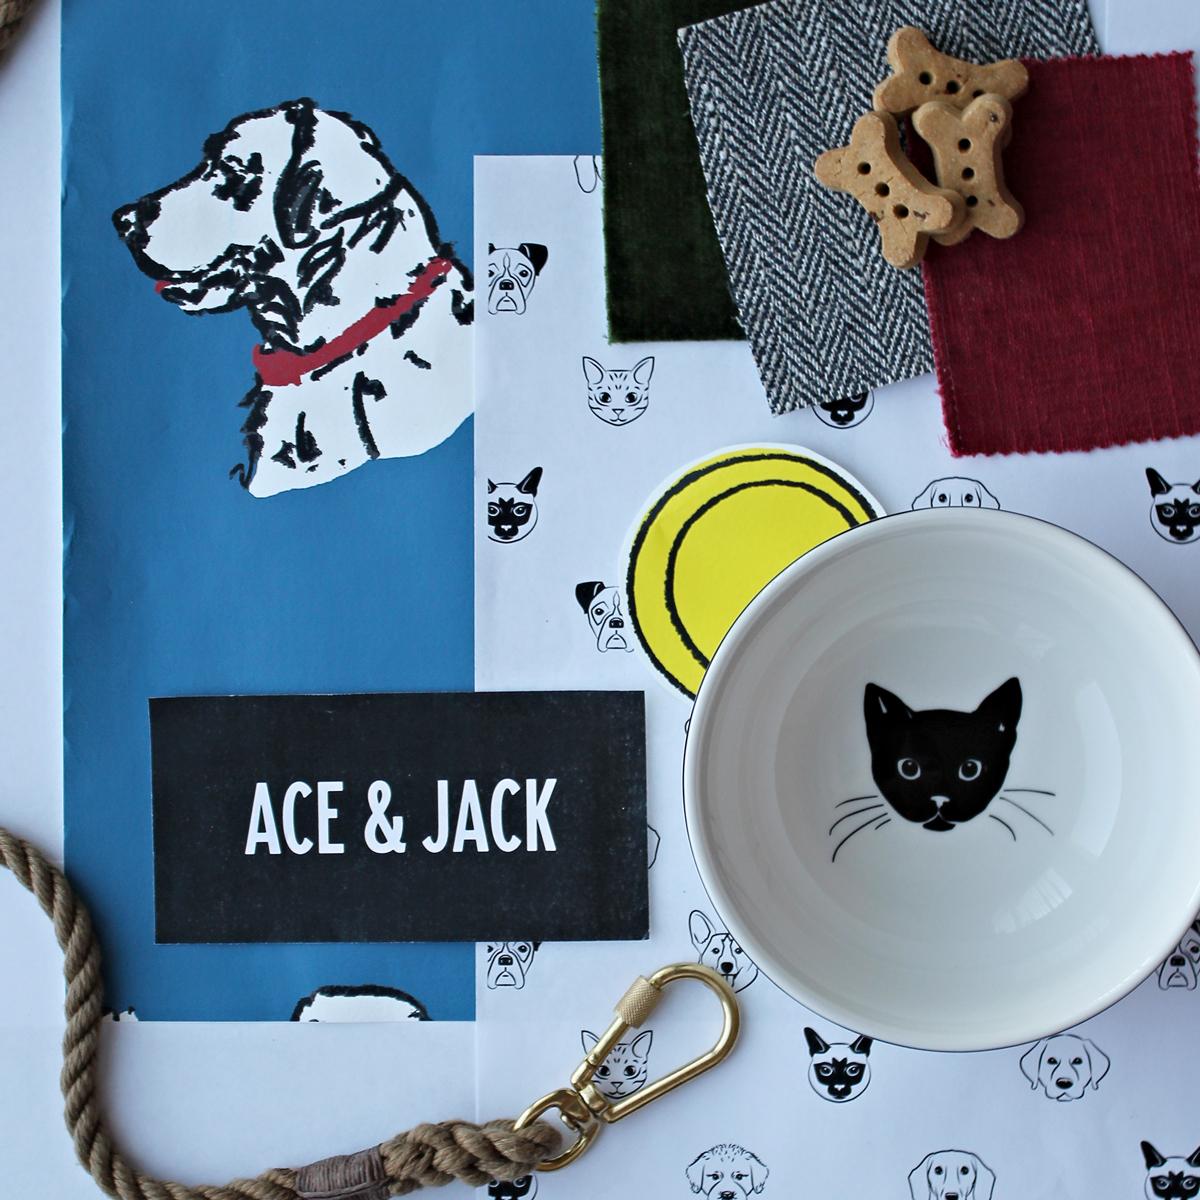 Ace & Jack Ponce City Market